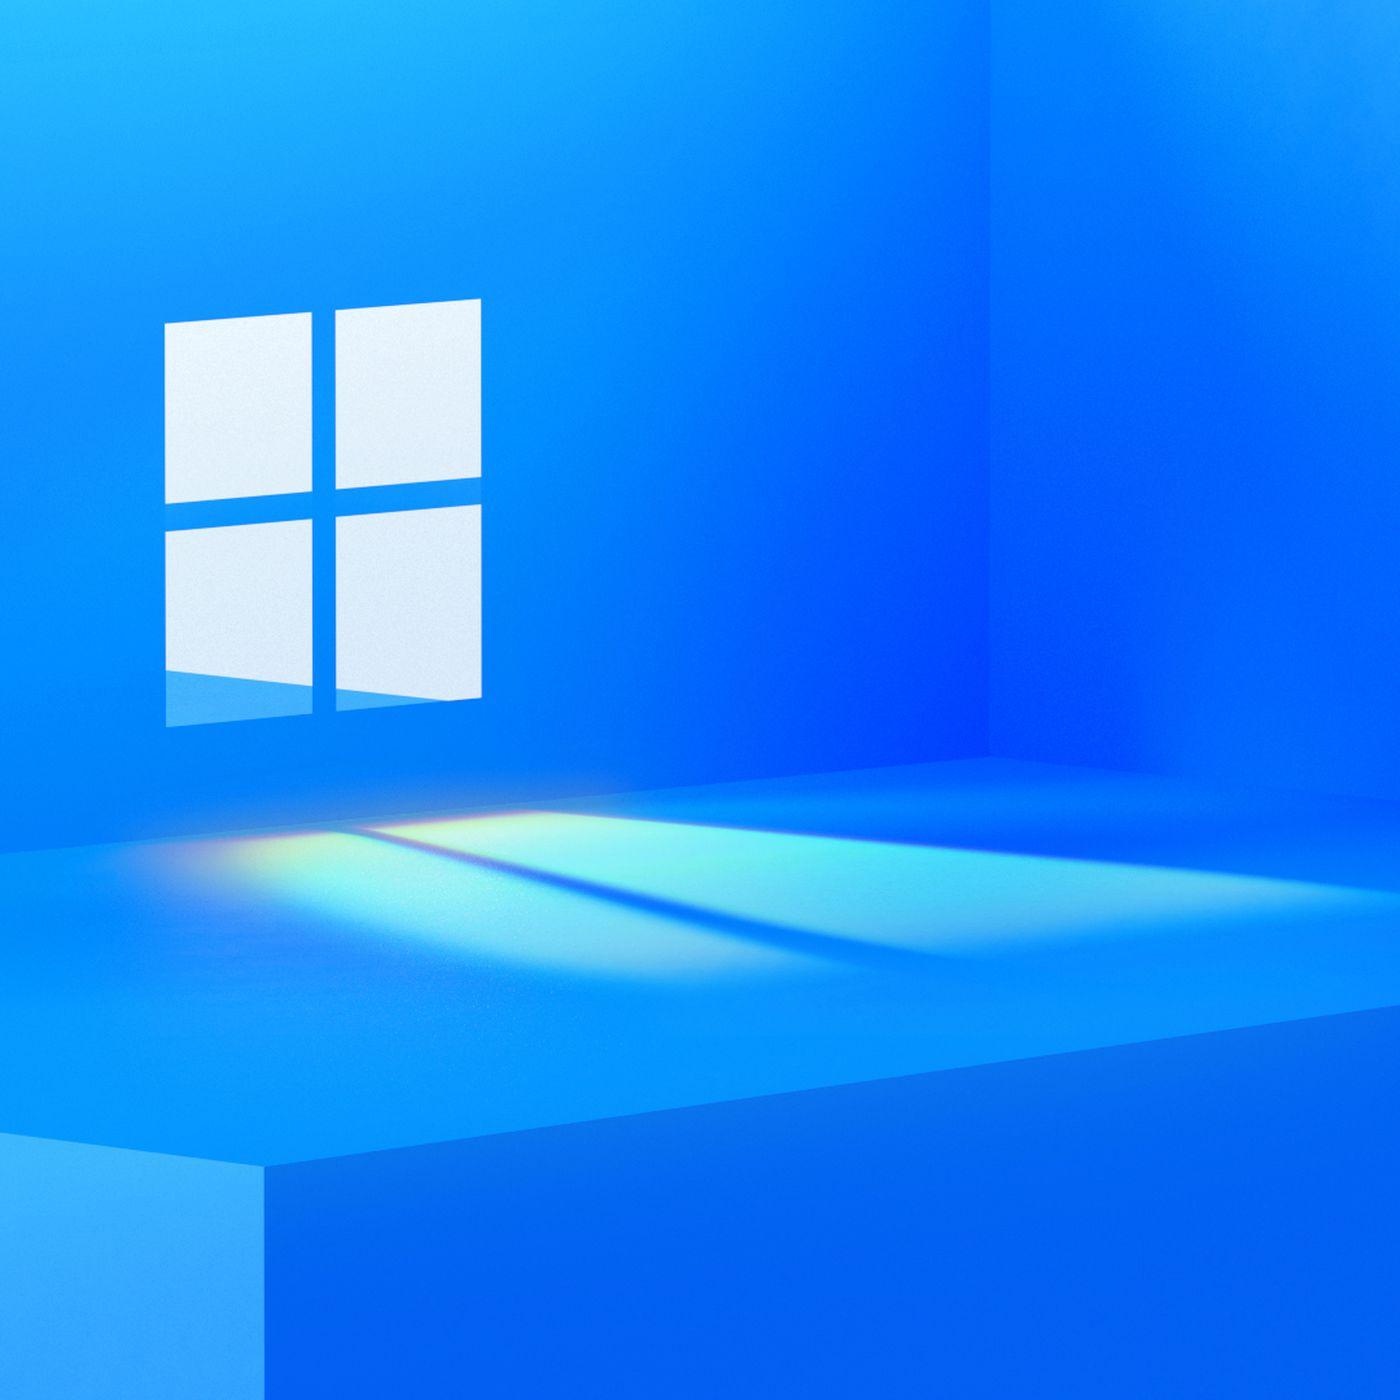 windows-11-3